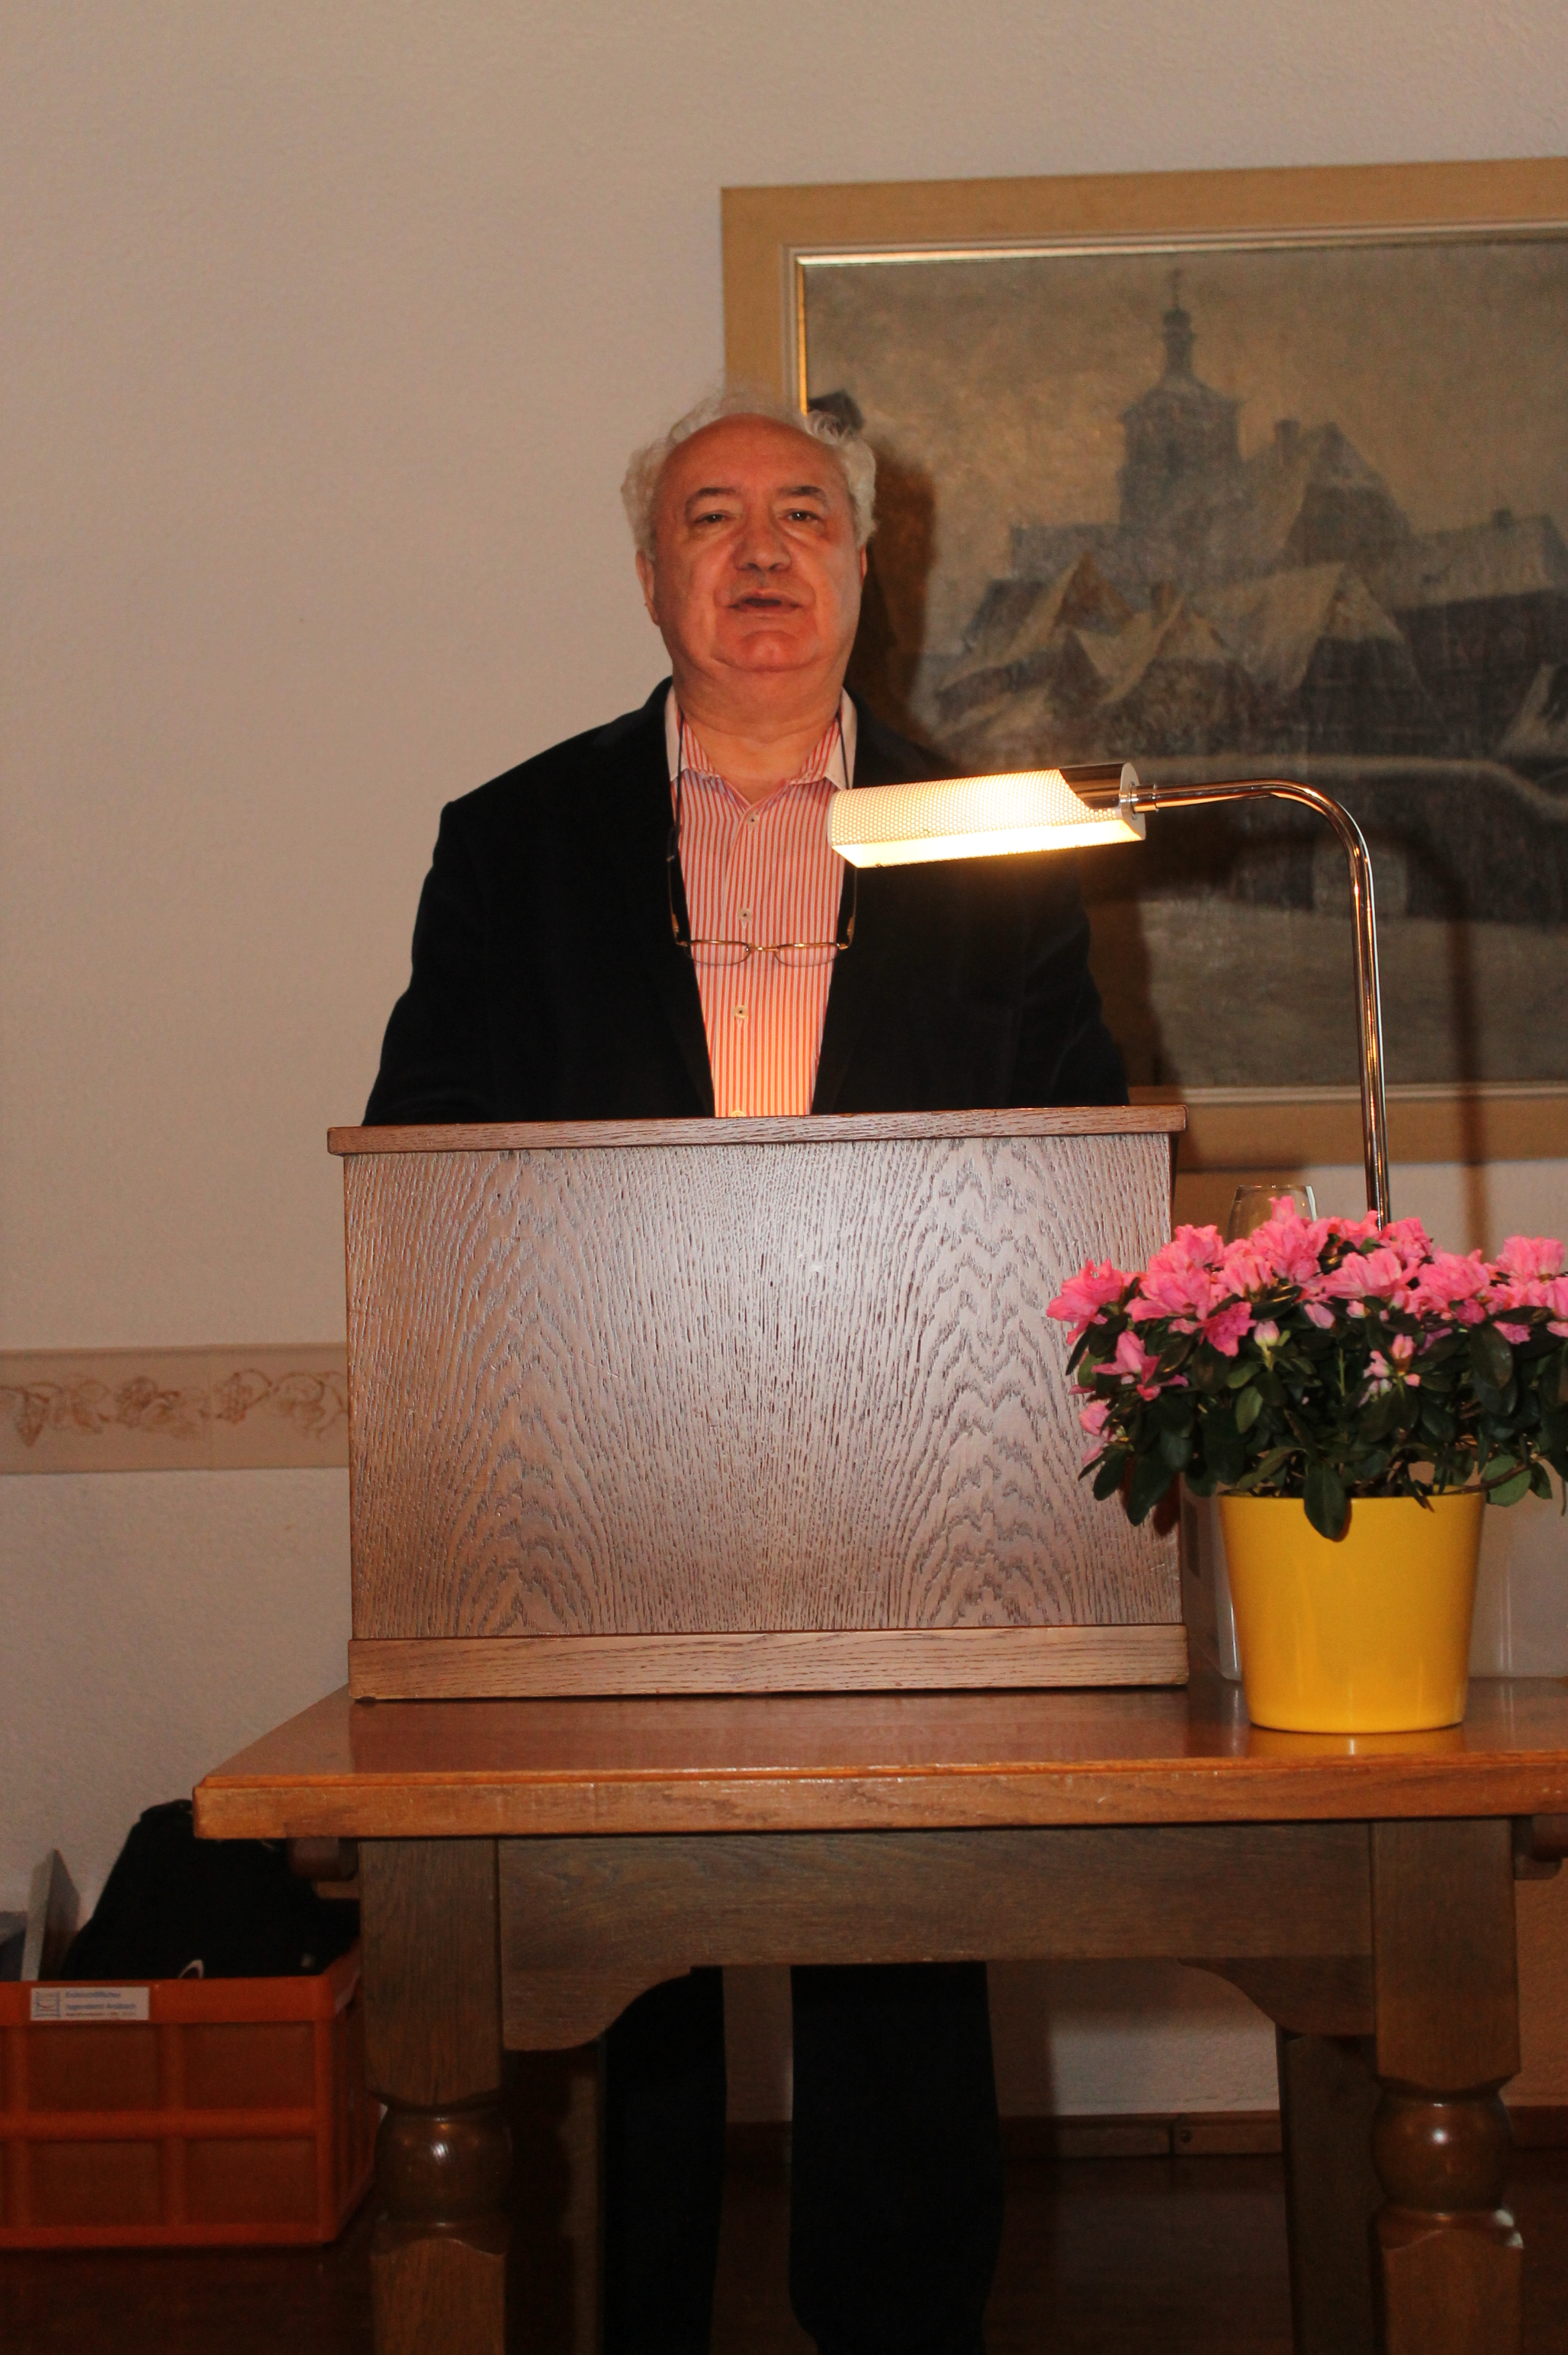 VAR - Vortrag Kloster Lorsch - 02_2016_JoE_033